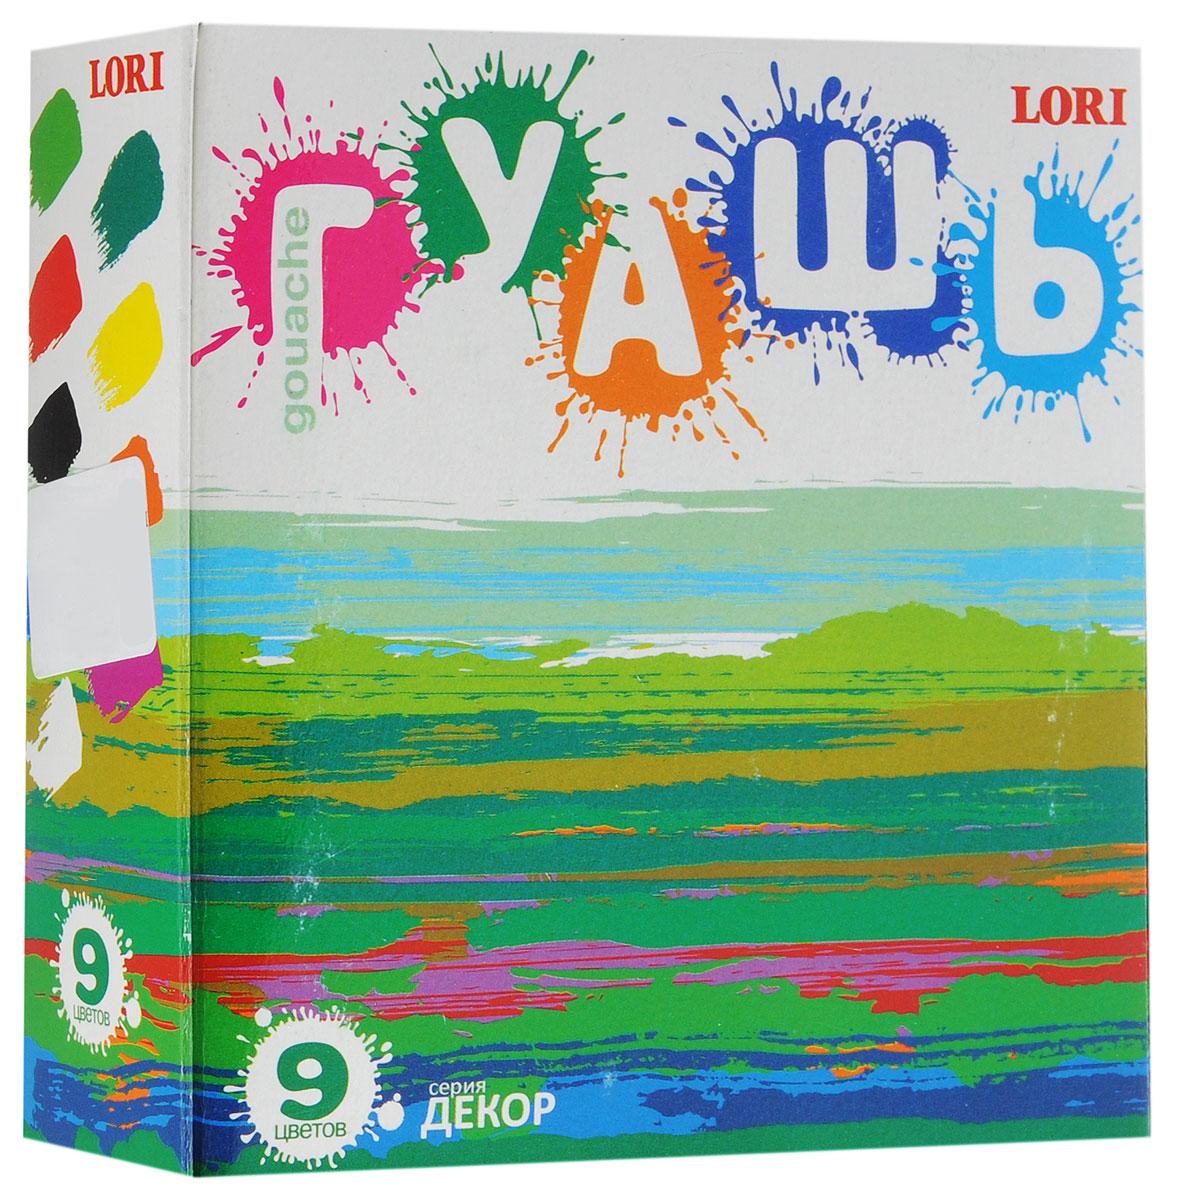 Lori Гуашь Декор 9 цветовГ-006Гуашь Lori Декор предназначена для рисования по бумаге, картону, дереву и стеклу. Набор включает краски 9 насыщенных цветов: синего, черного, зеленого, красного, желтого, белого, оранжевого, сиреневого, салатового. Каждая пластиковая баночка с гуашью закрывается винтовой крышкой. Яркие цвета дают множество оттенков при смешивании. Легко размываются водой и быстро сохнут. Объем одной баночки 20 мл.